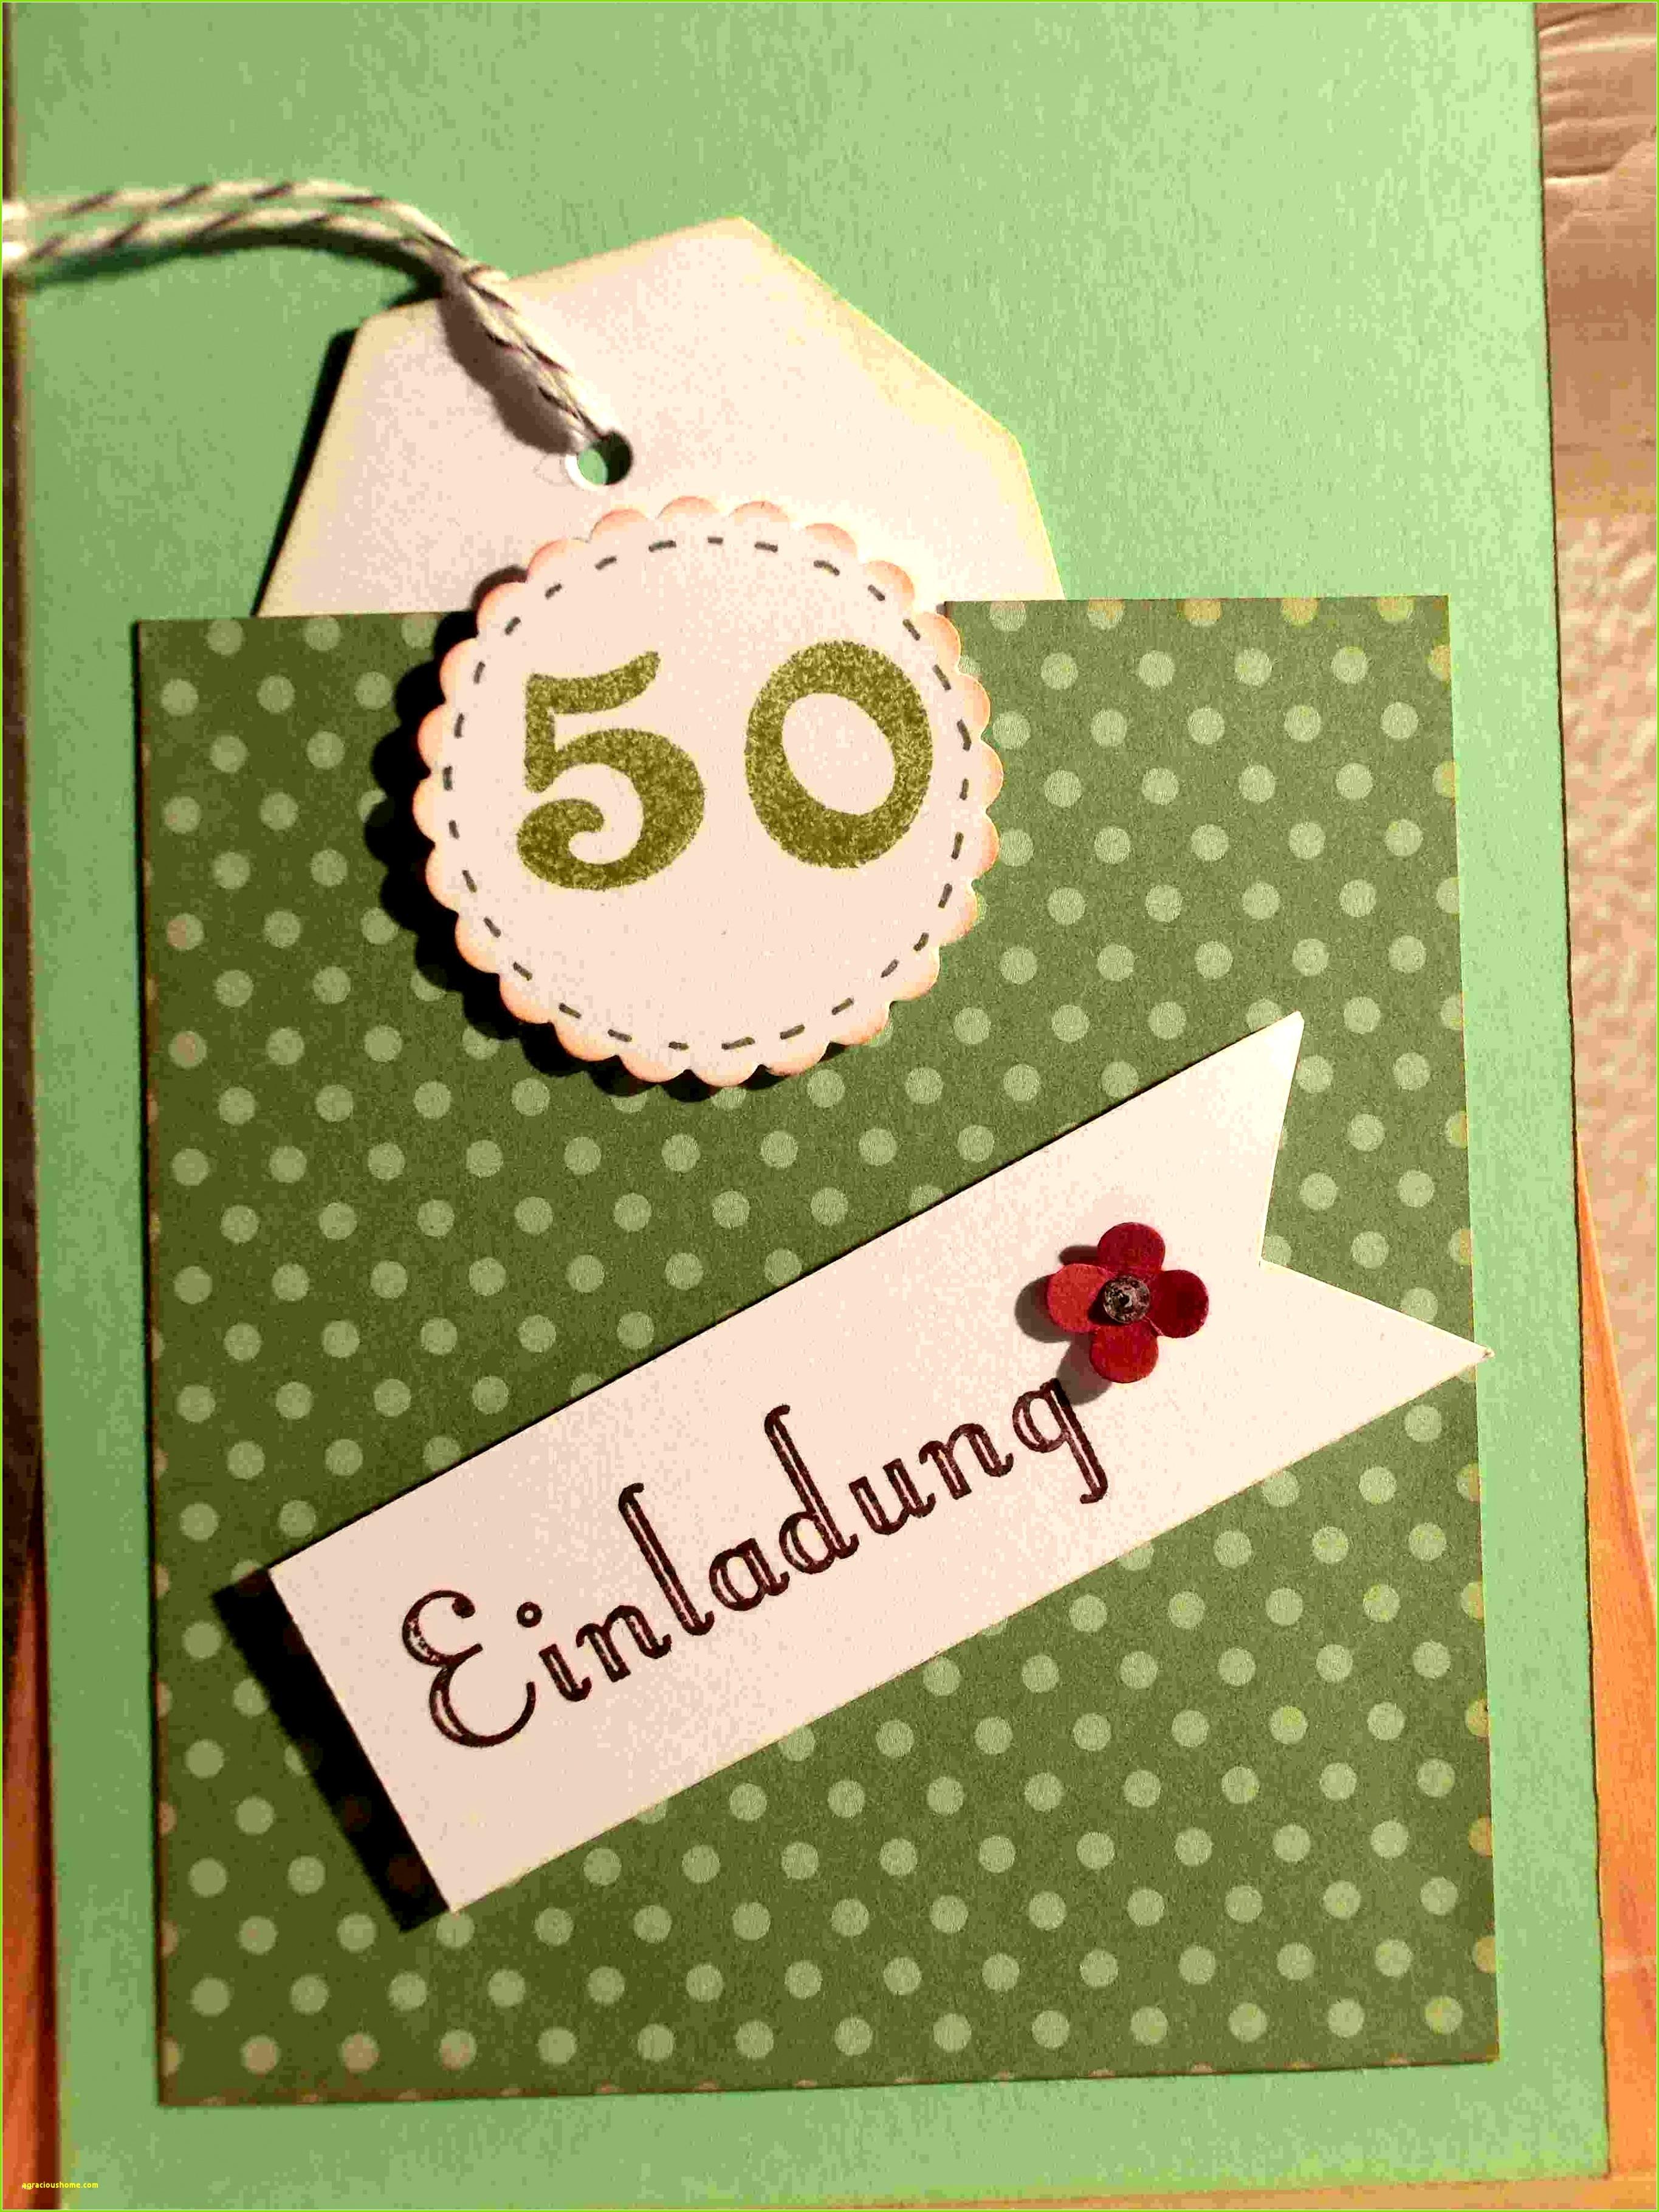 einladungskarten kindergeburtstag basteln vorlagen Einladung Geburtstag Basteln Hochzeits Einladungen Ausgefallene Hochzeitseinladungen 0d Archives –